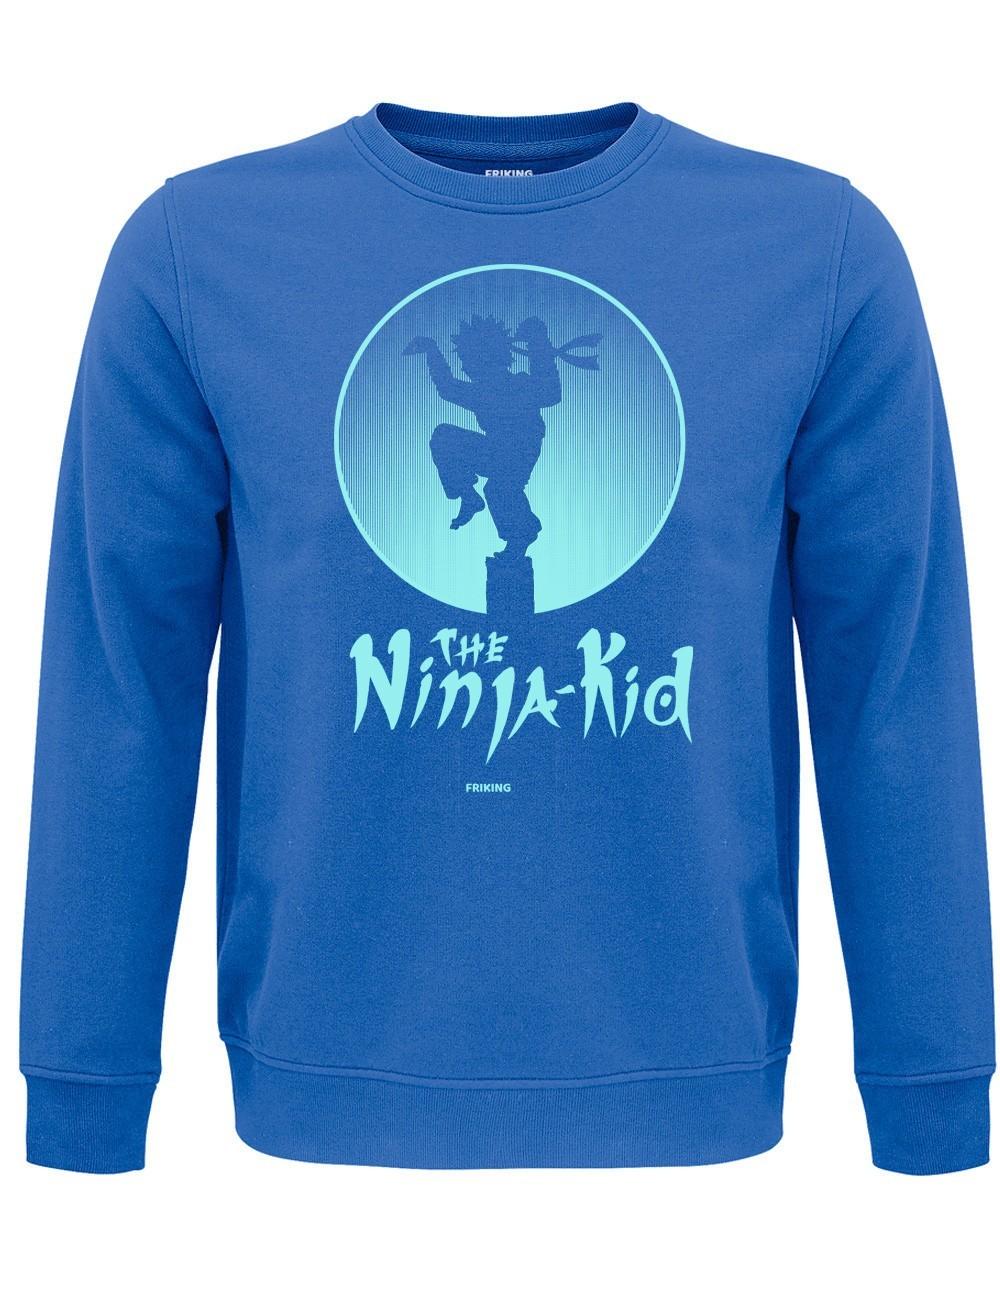 Ninja Kid